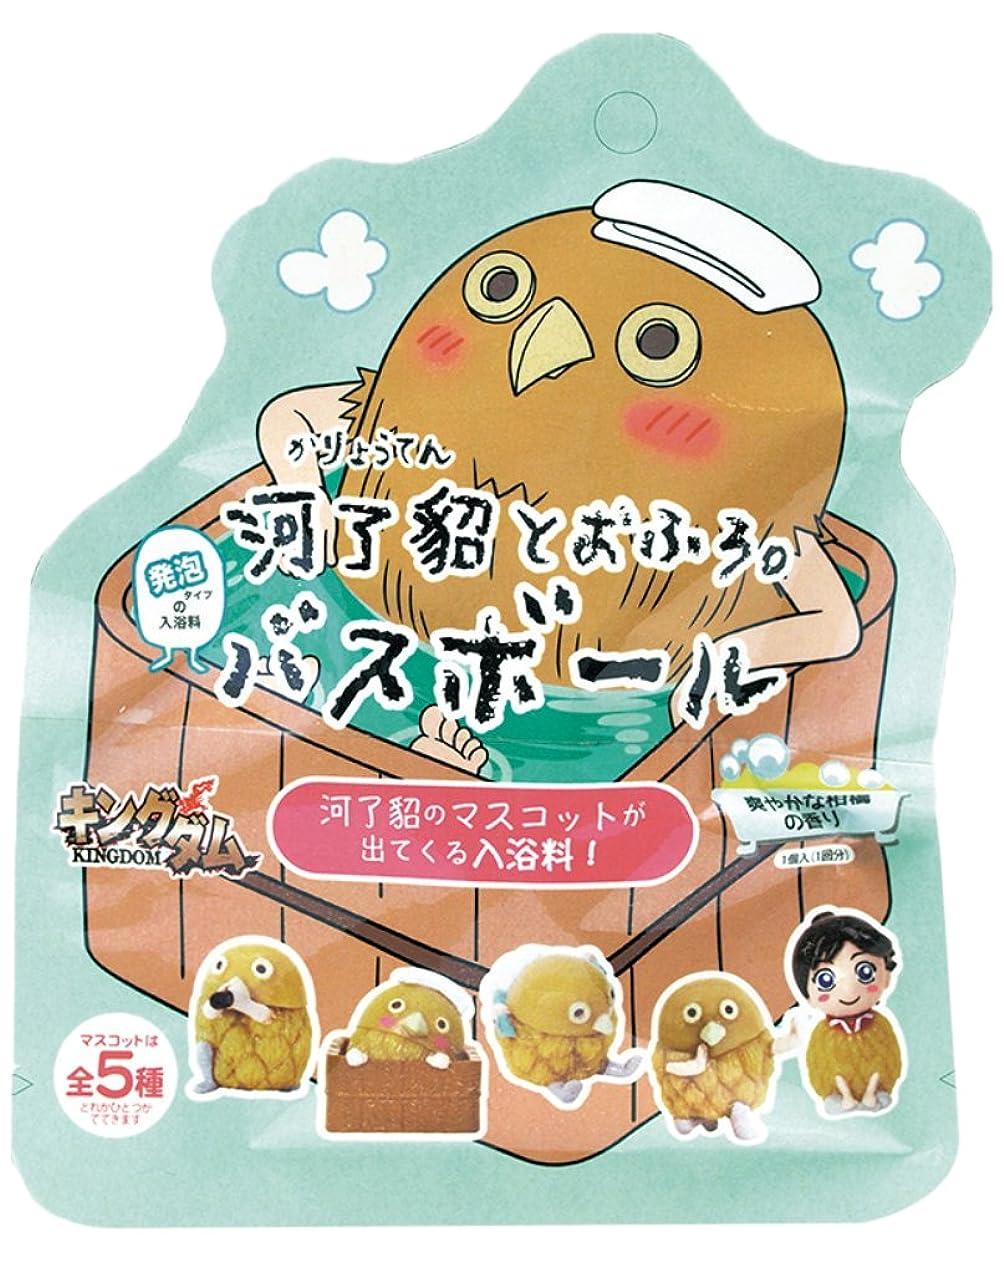 貫通指標福祉キングダム 入浴剤 バスボール 柑橘の香り 60g マスコット入り OB-GMB-1-1